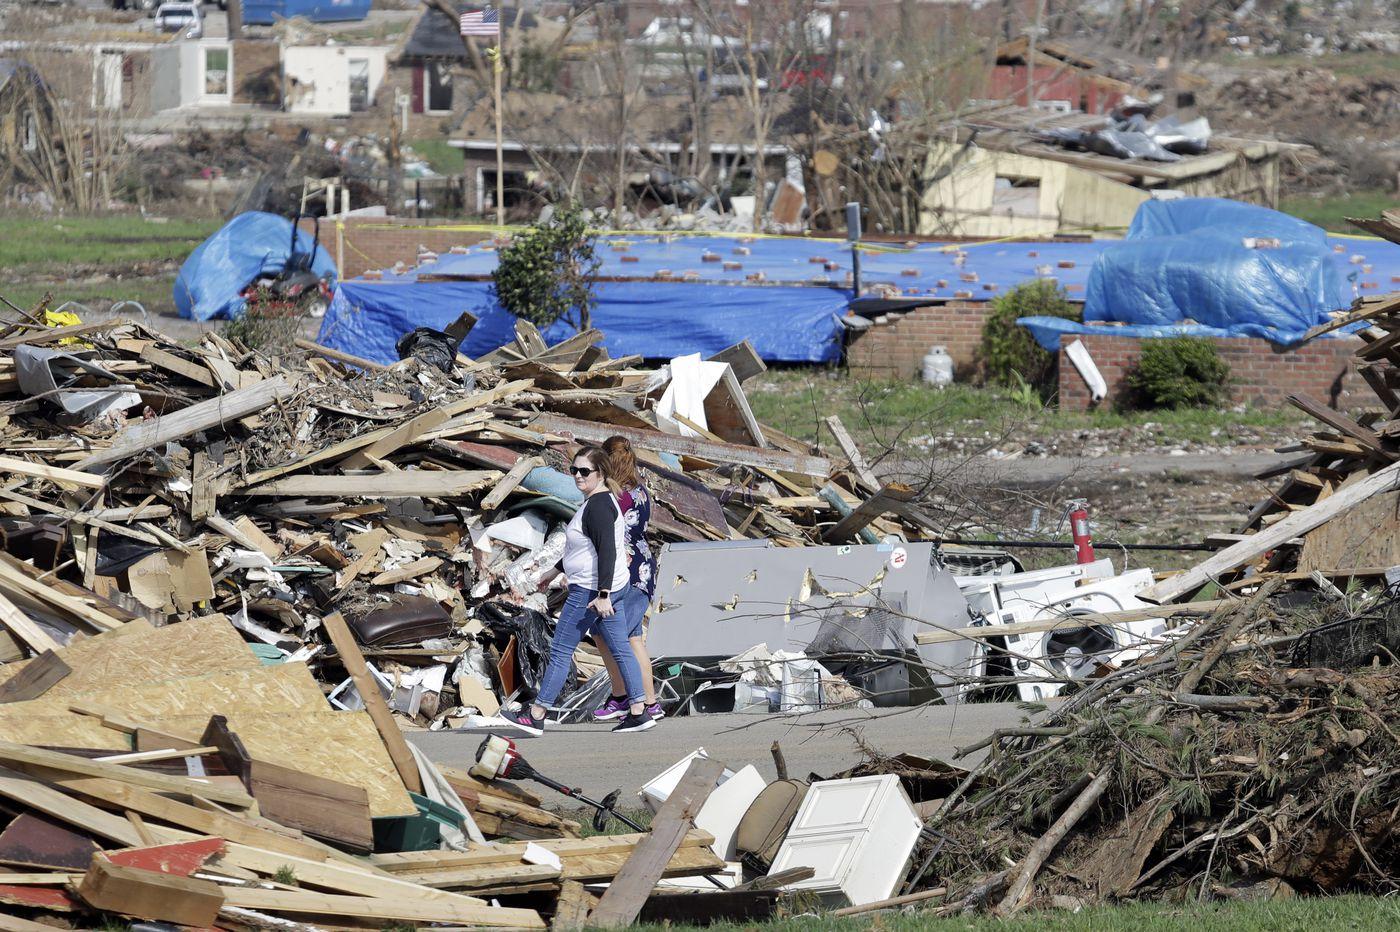 Under the radar, tornado season already the deadliest since 2011; twister confirmed in N.J.